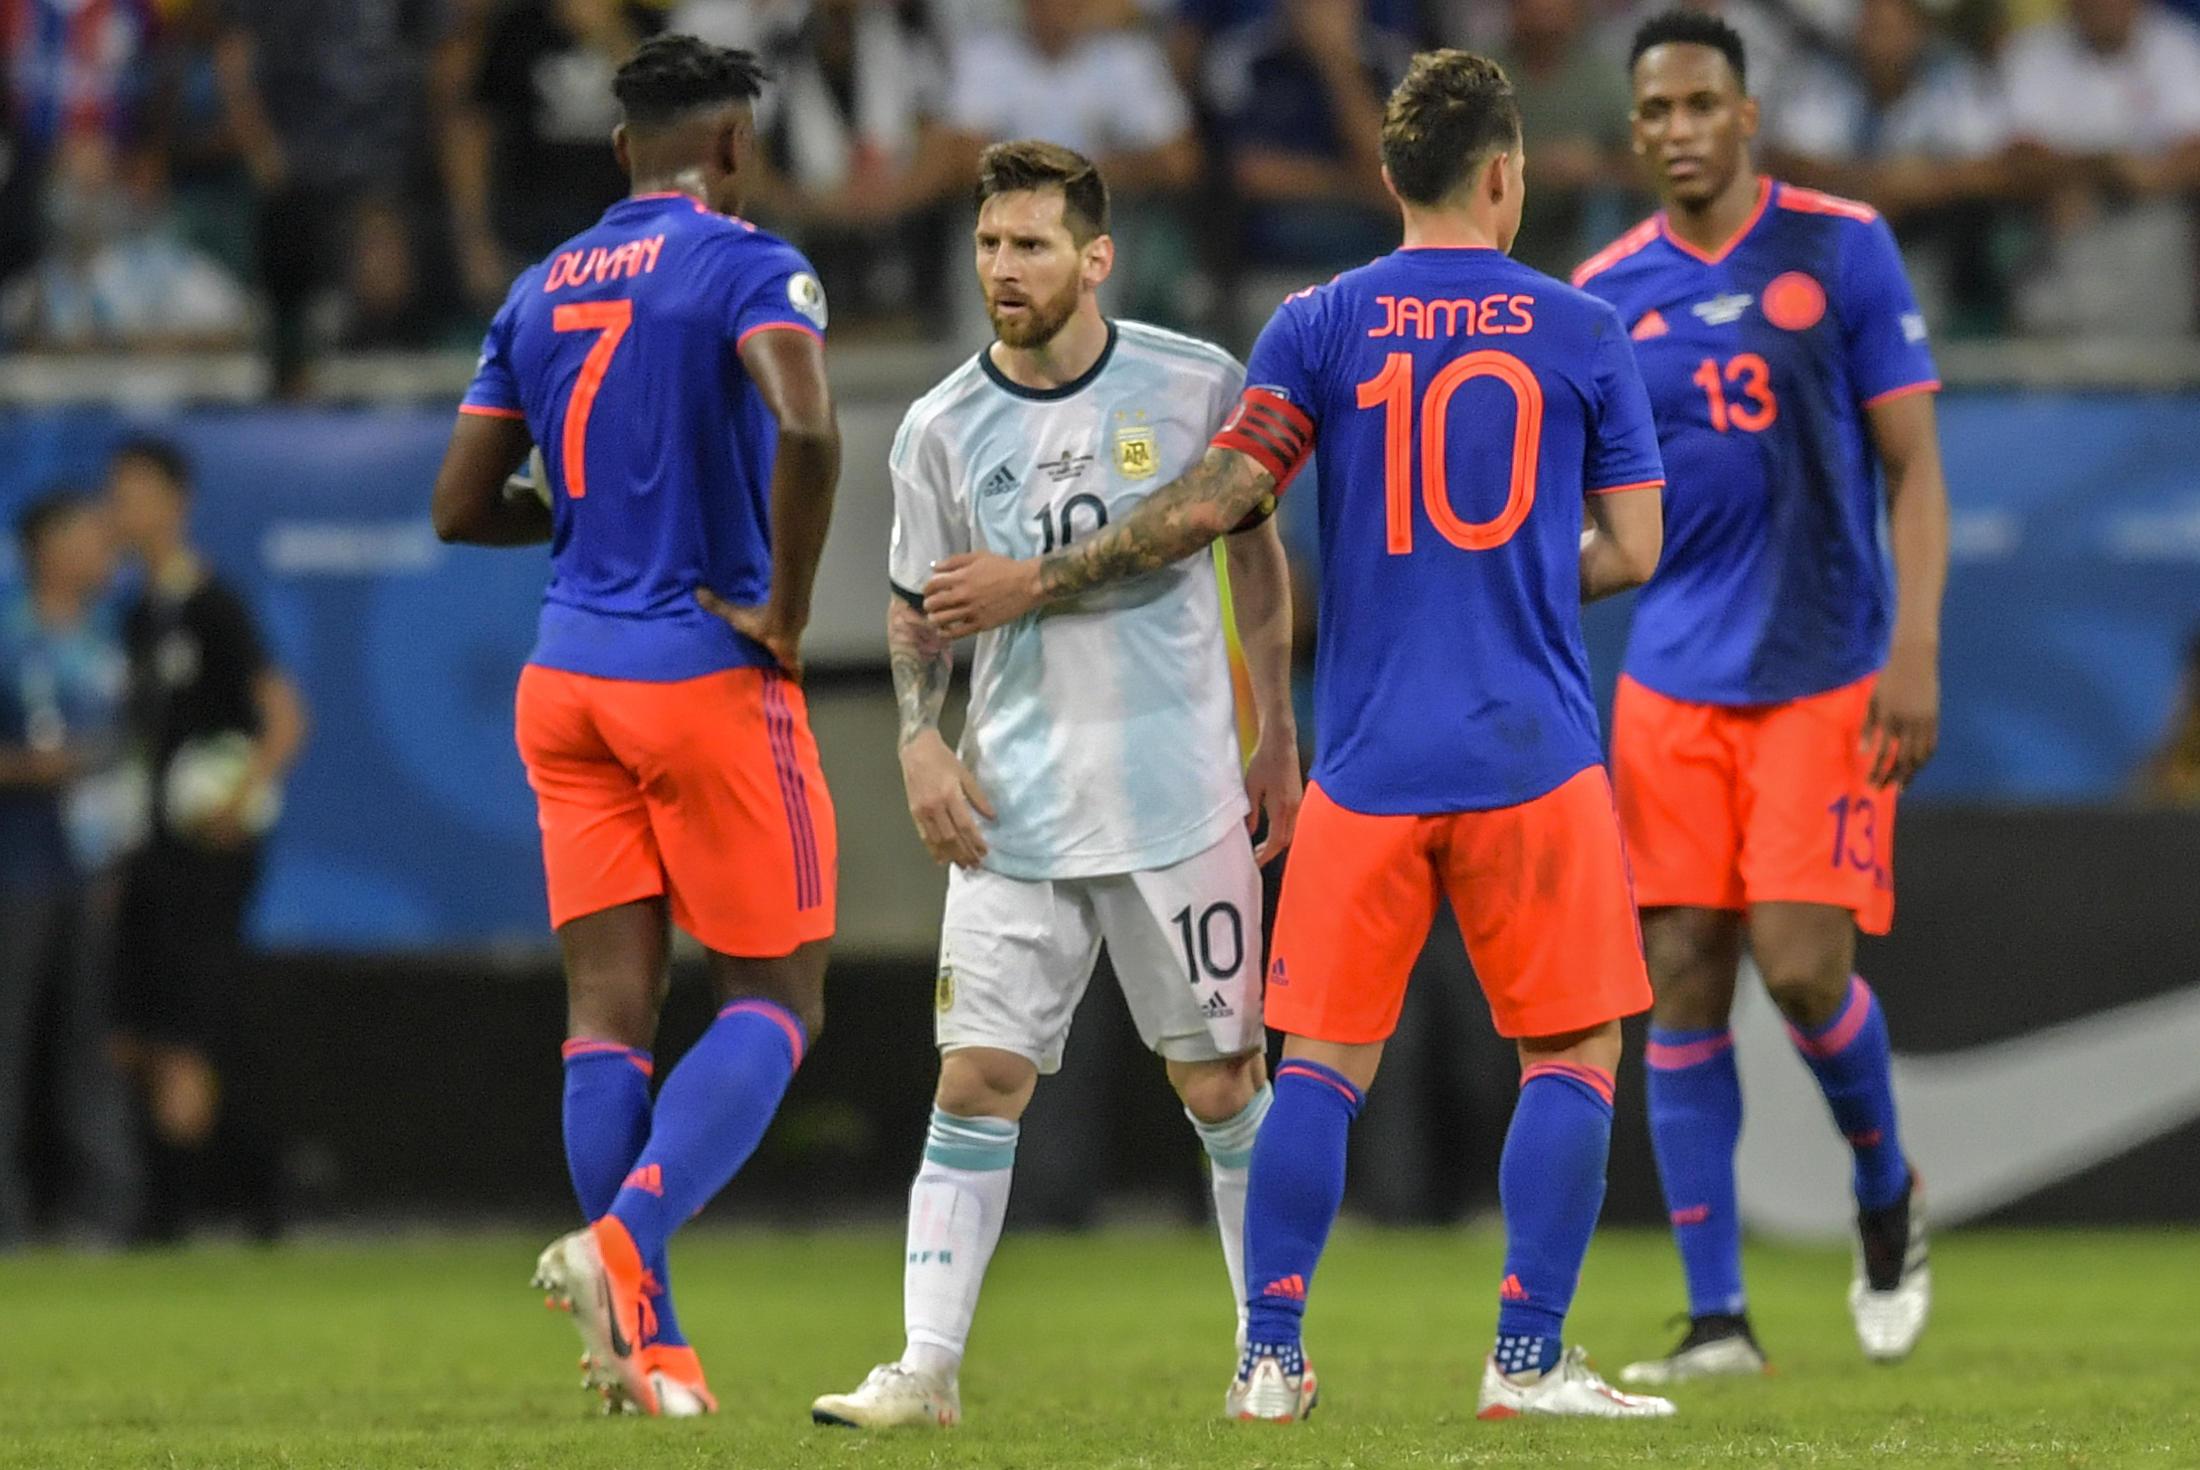 Albiceleste ko 2-0 nell'esordio in Copa America